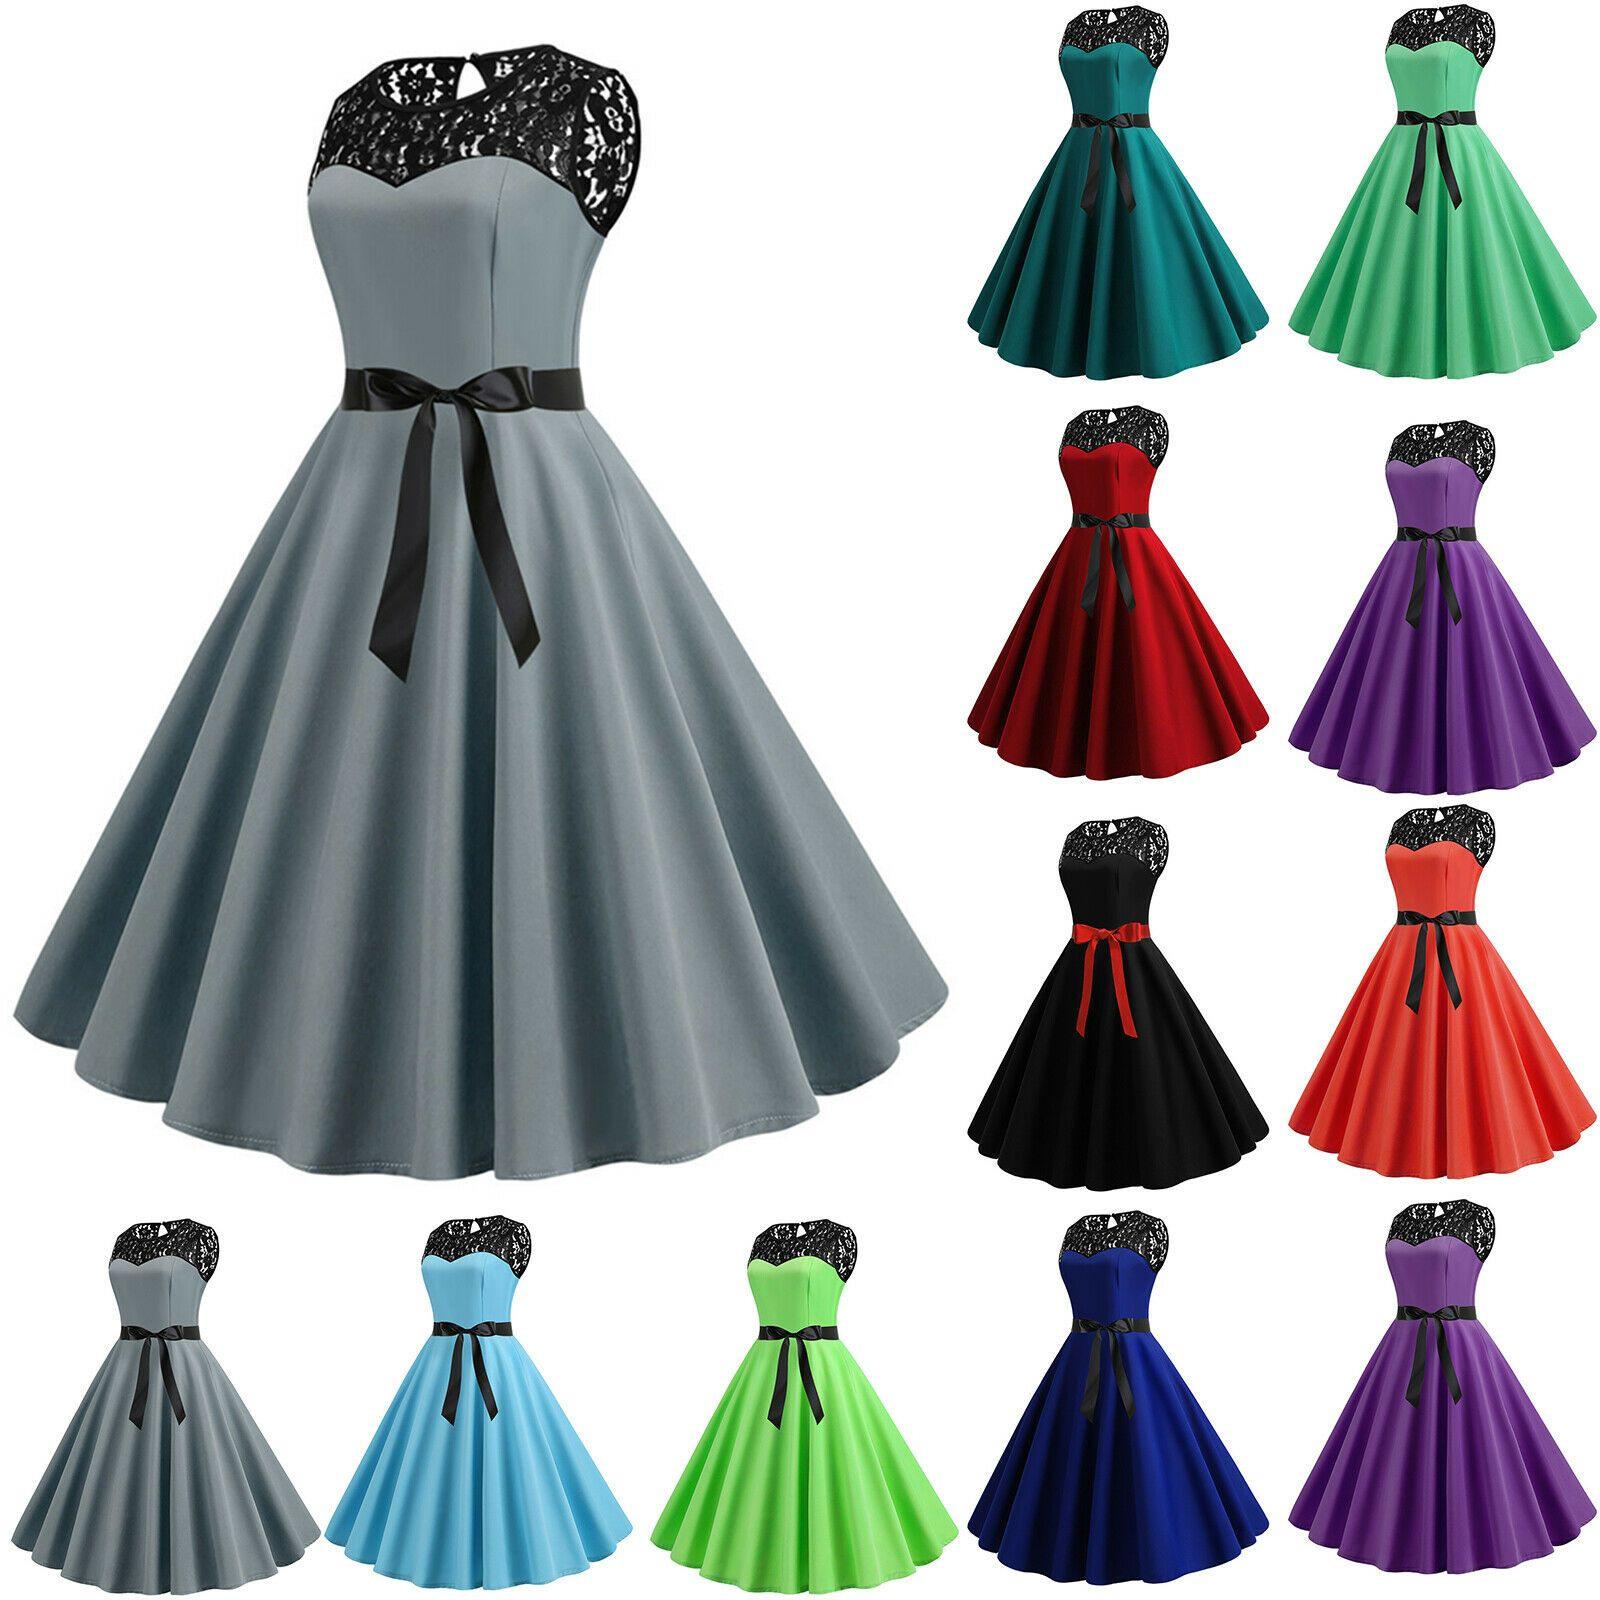 Formal Luxurius Damen Abend Kleid für 201913 Spektakulär Damen Abend Kleid Vertrieb